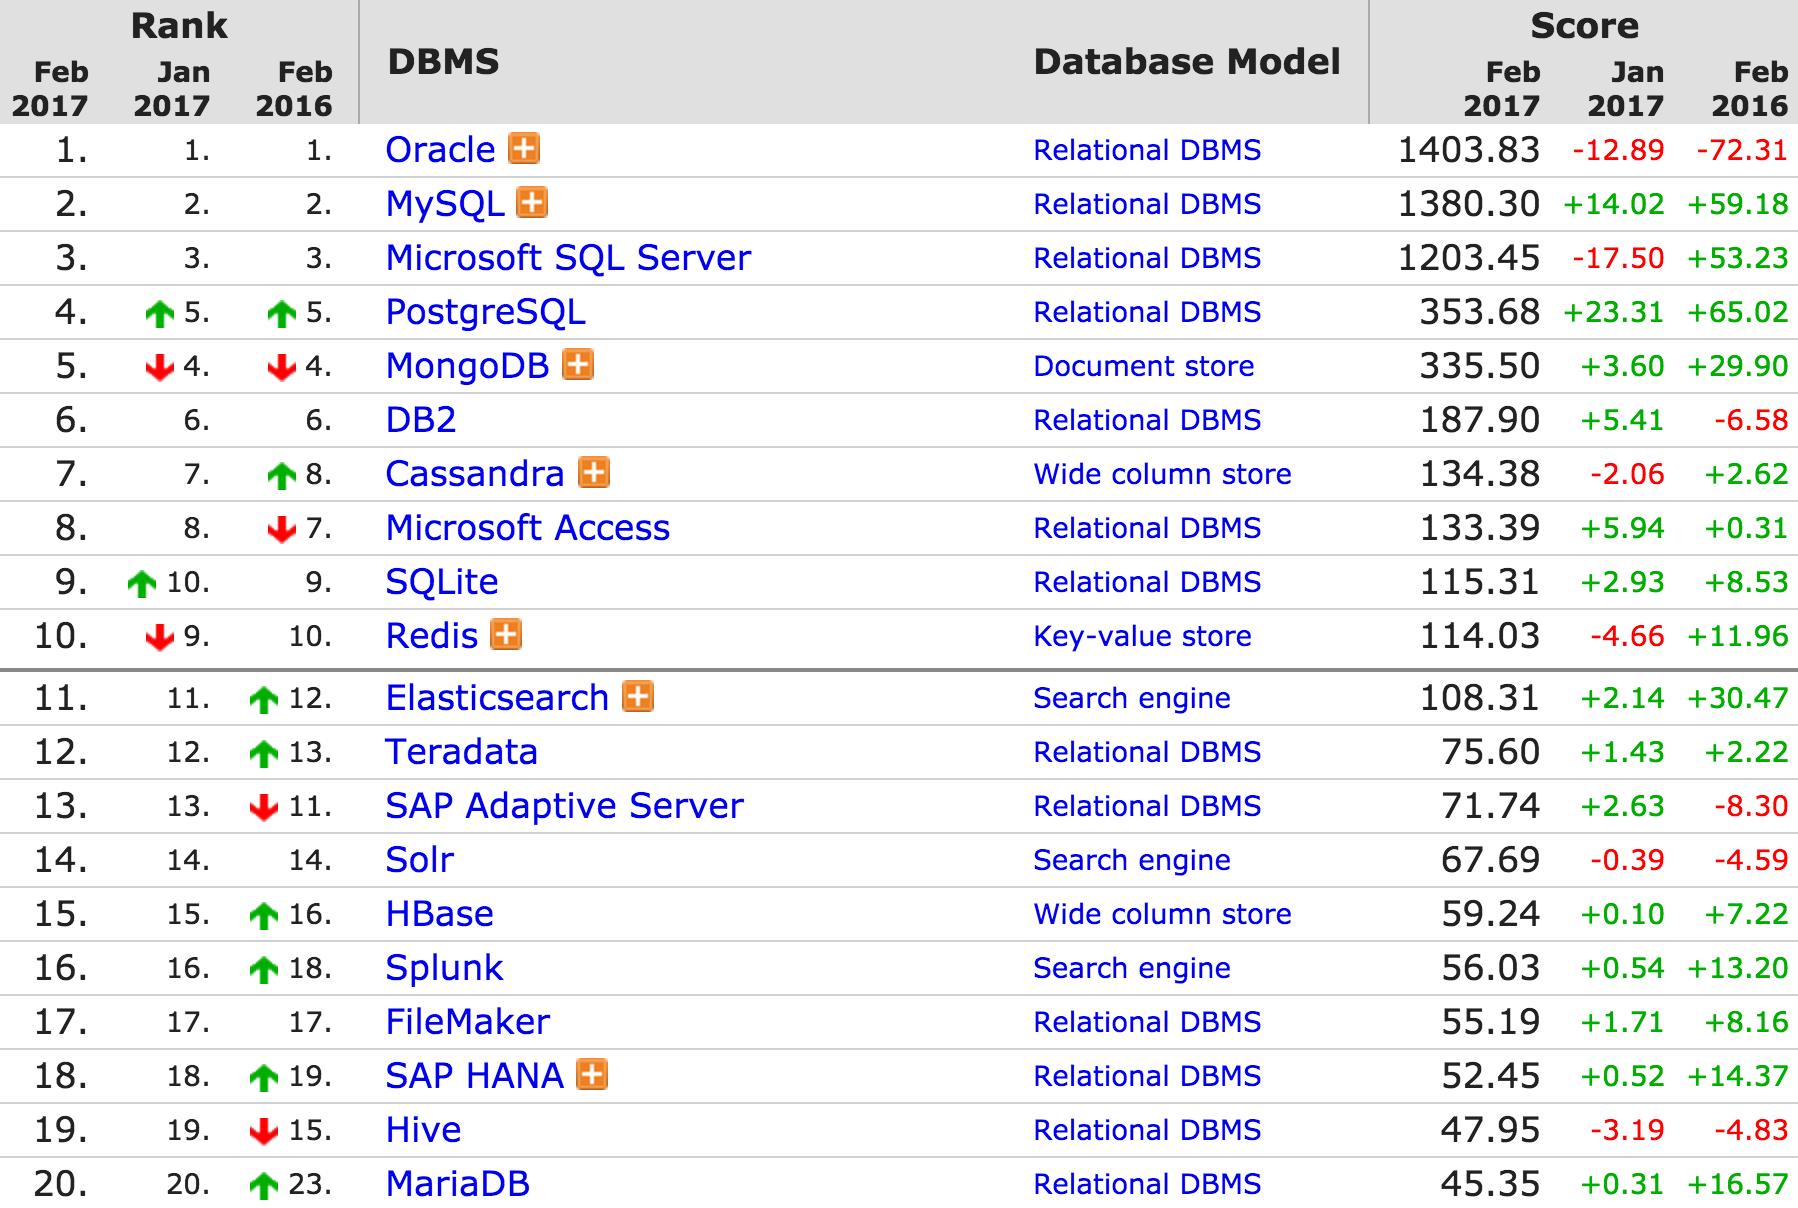 105948 Ce97 2886655 DB Engines:2017 年 2 月份全球数据库排名